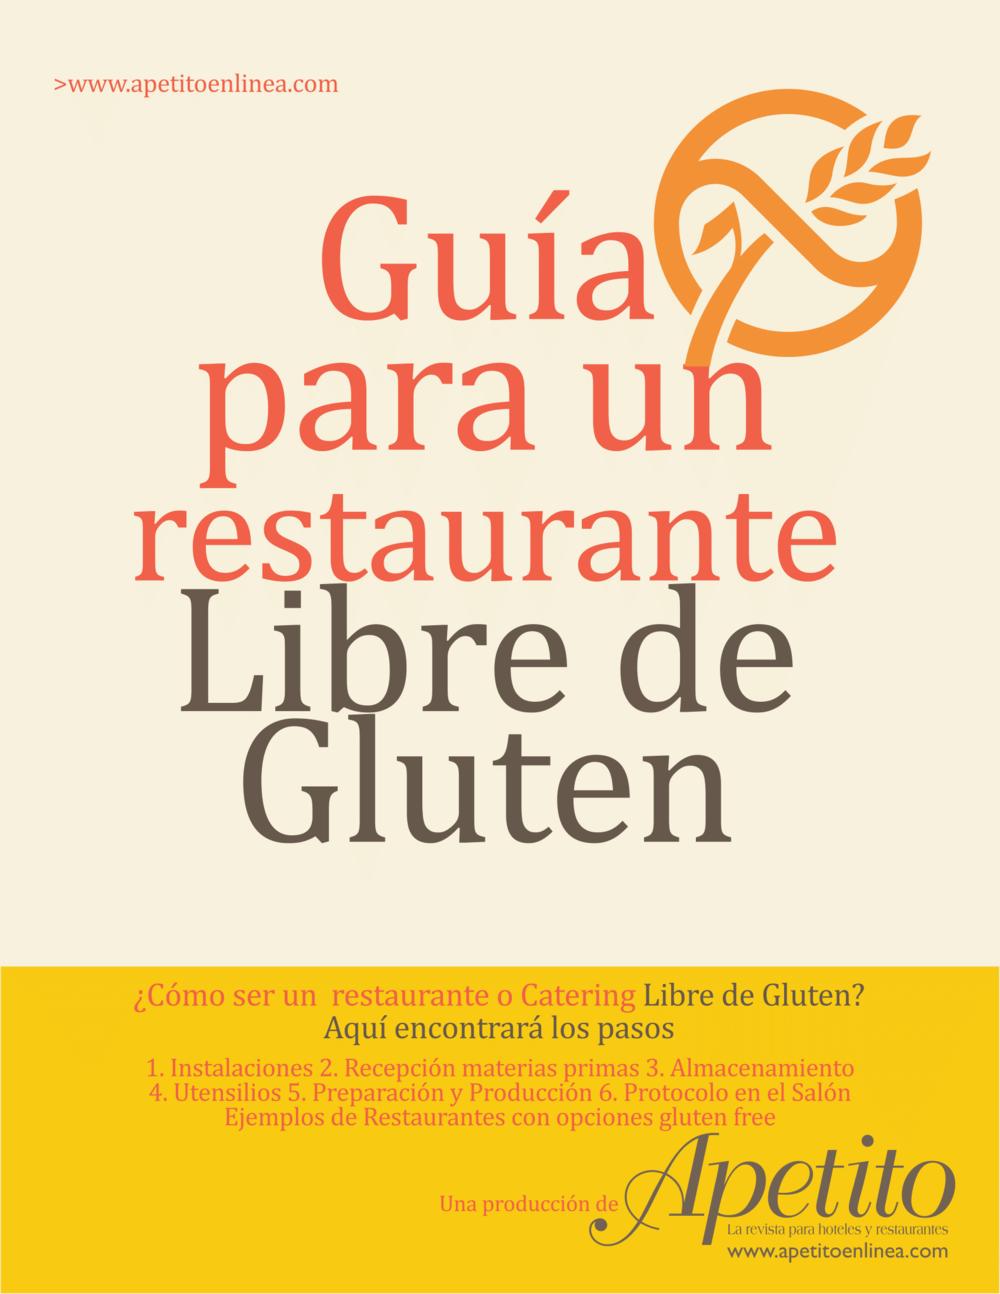 GUIA LIBRE DE GLUTEN (1)-01.png